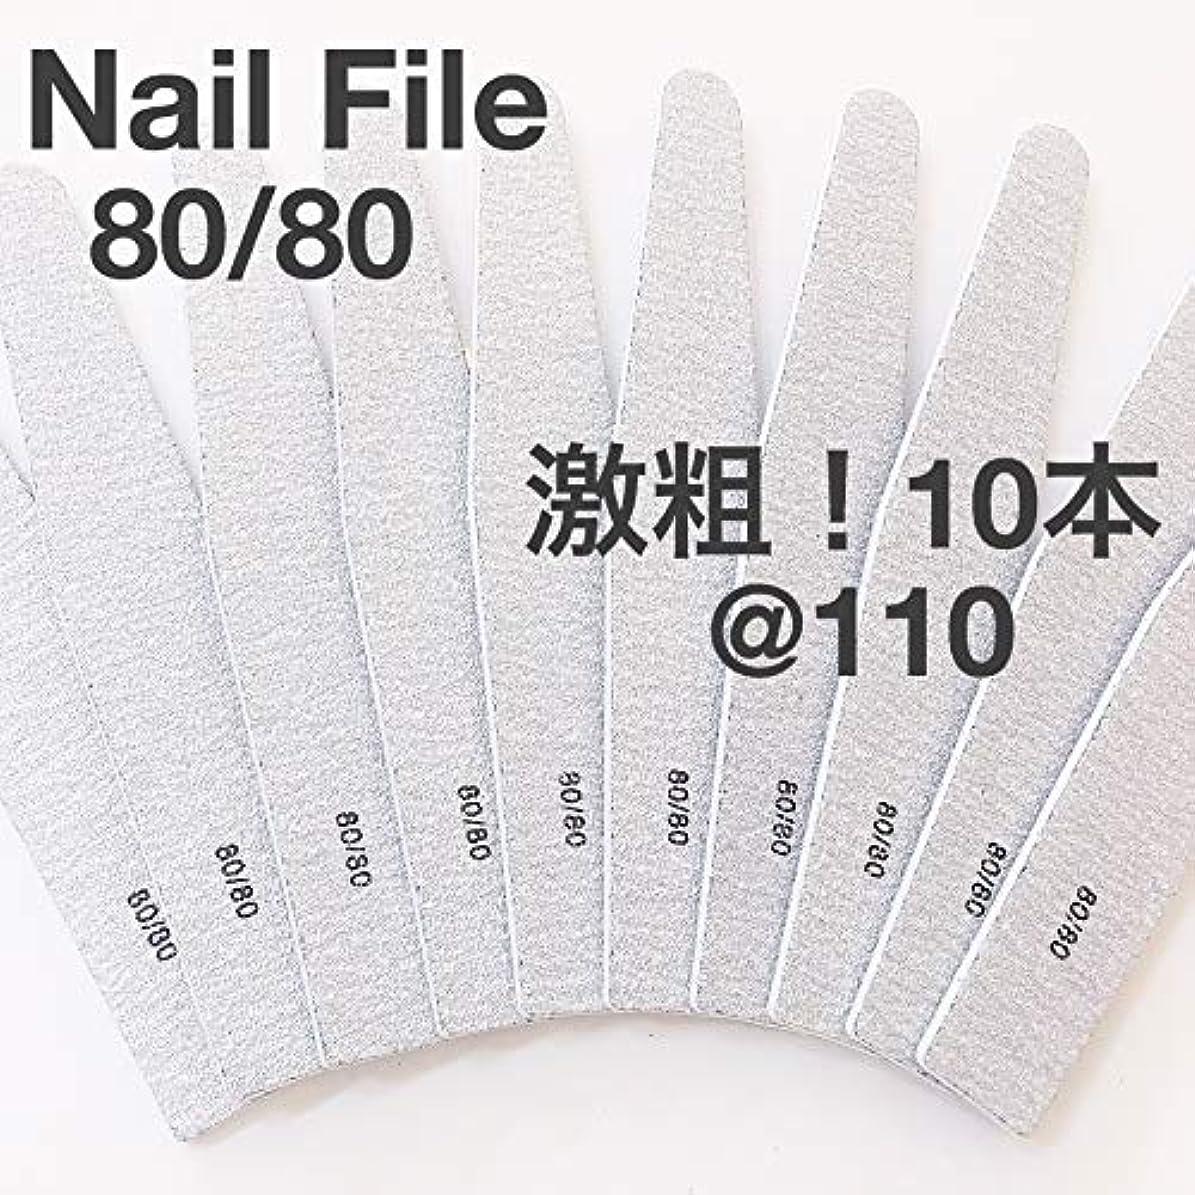 はがき仲間、同僚アテンダントネイルファイル 80/80激粗【10本セット】ガリガリ削れます!